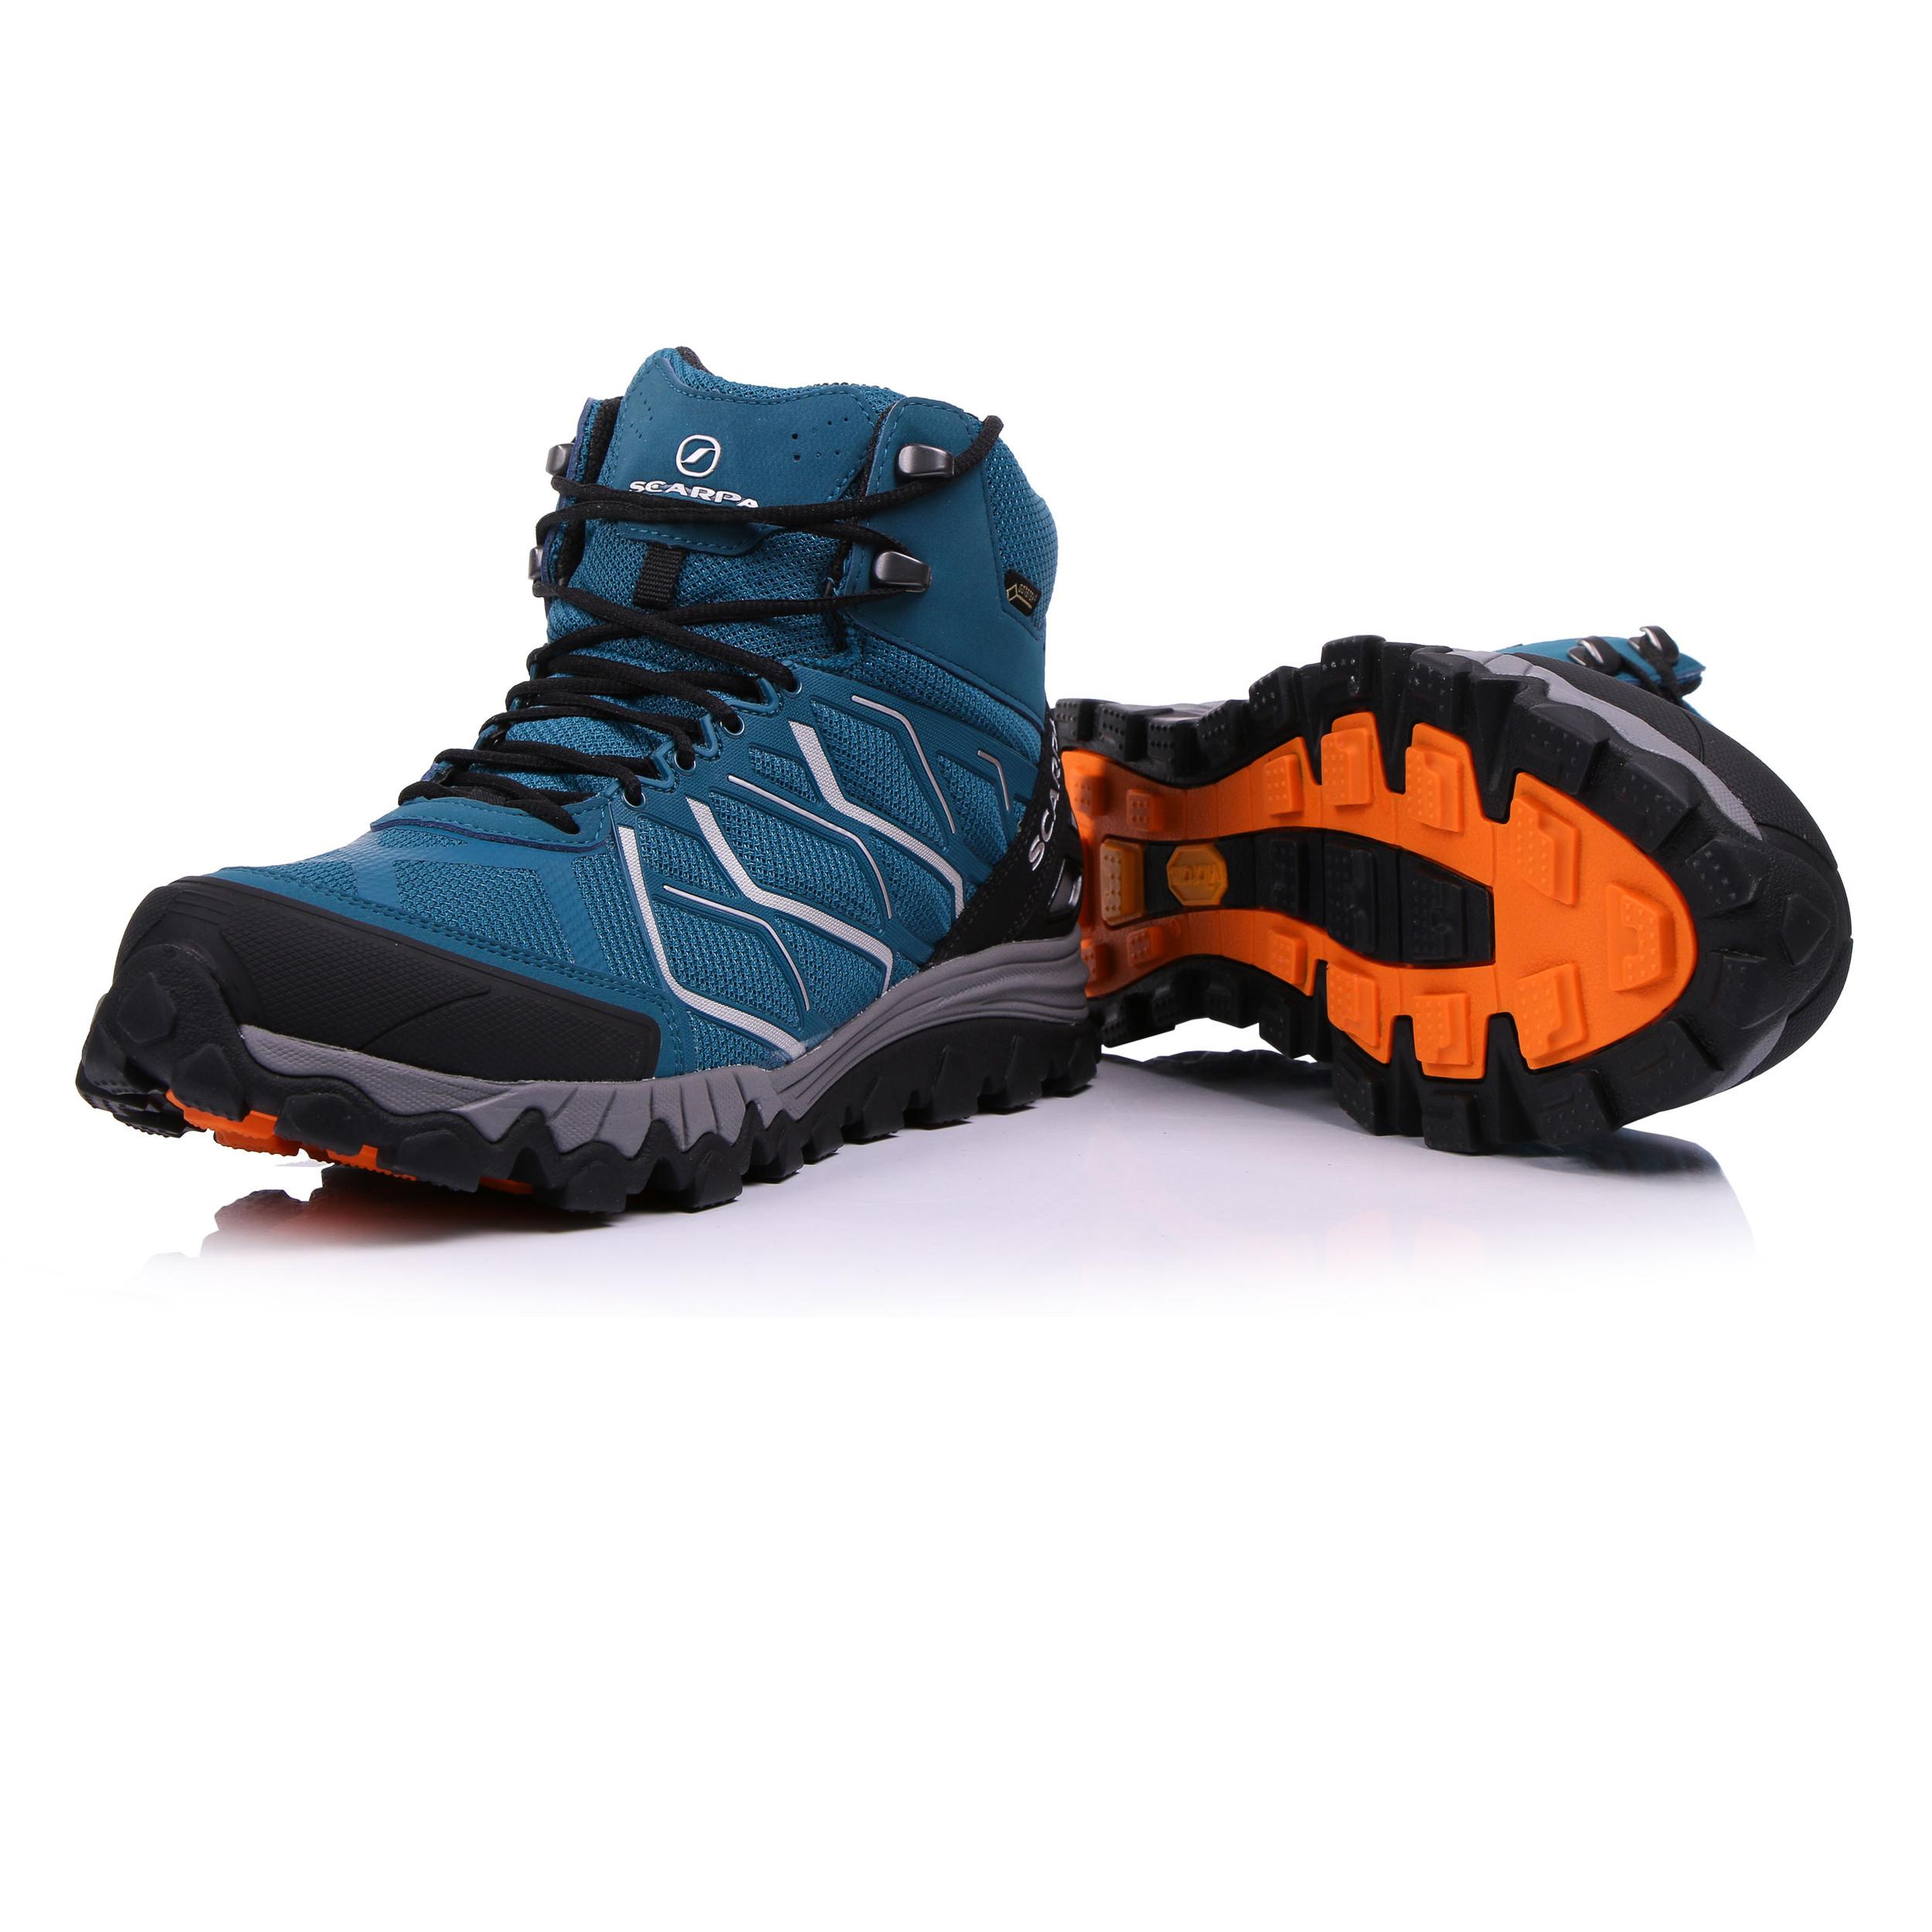 4afc0c0170c51 Scarpa Uomo Nitro Stivali Gore Tex Scarponi Da Passeggio Trekking Scarpe  Alte